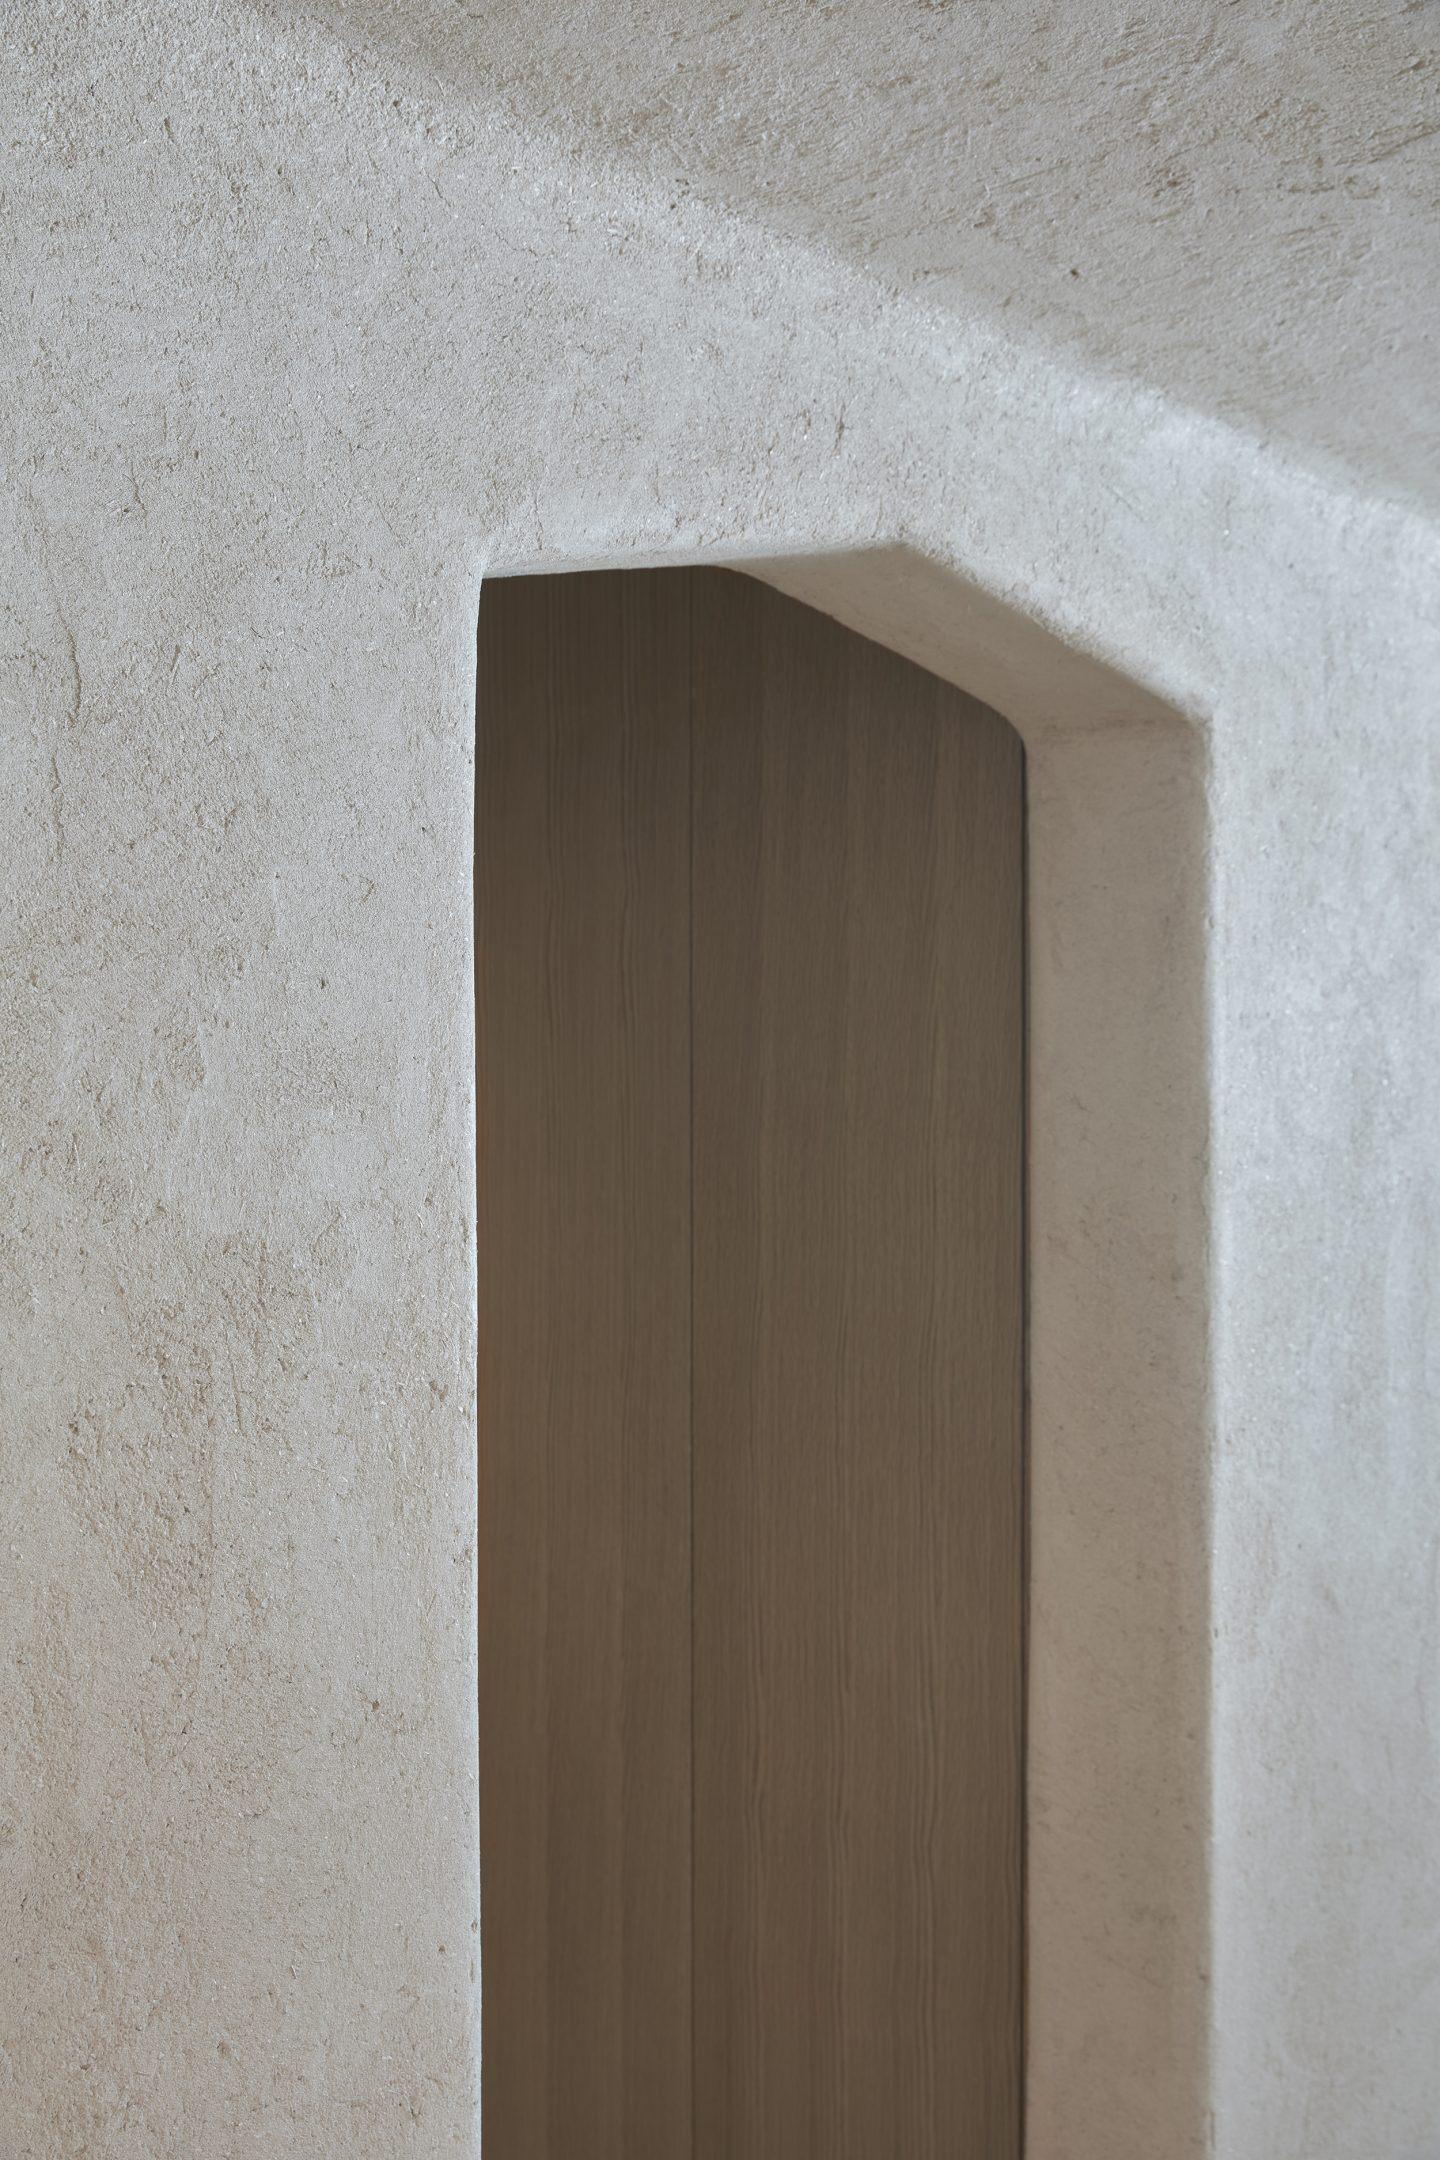 IGNANT-Design-Bone-Hoff-10